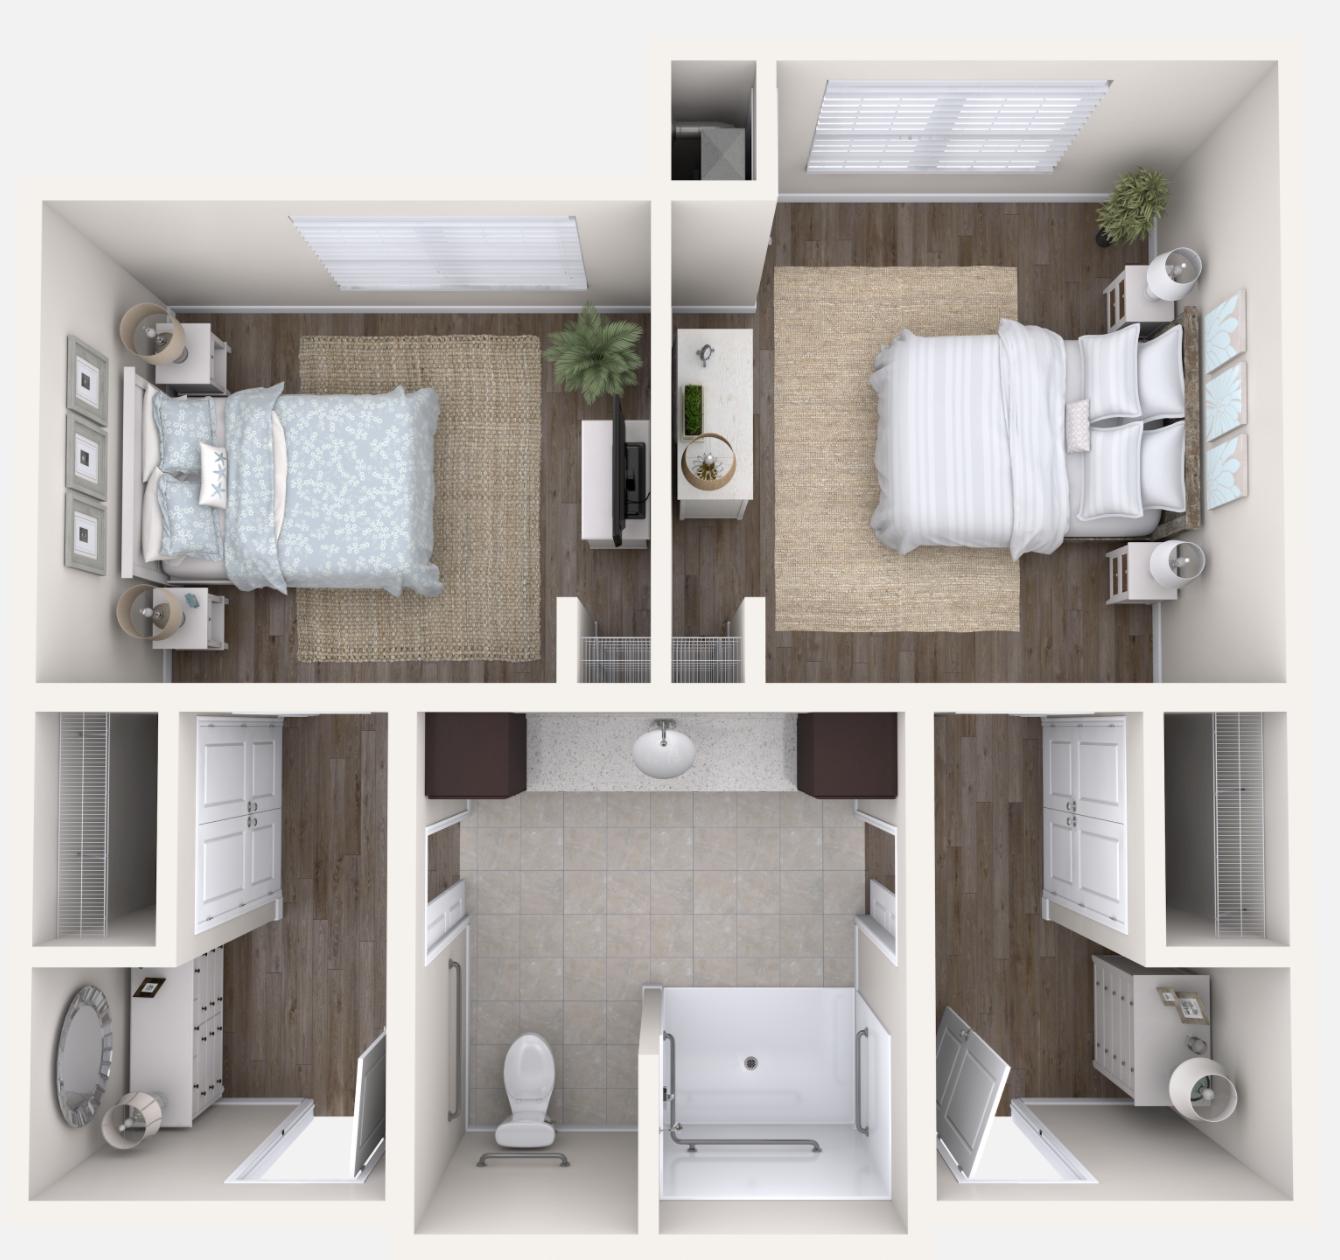 Memory Care - Companion Suite